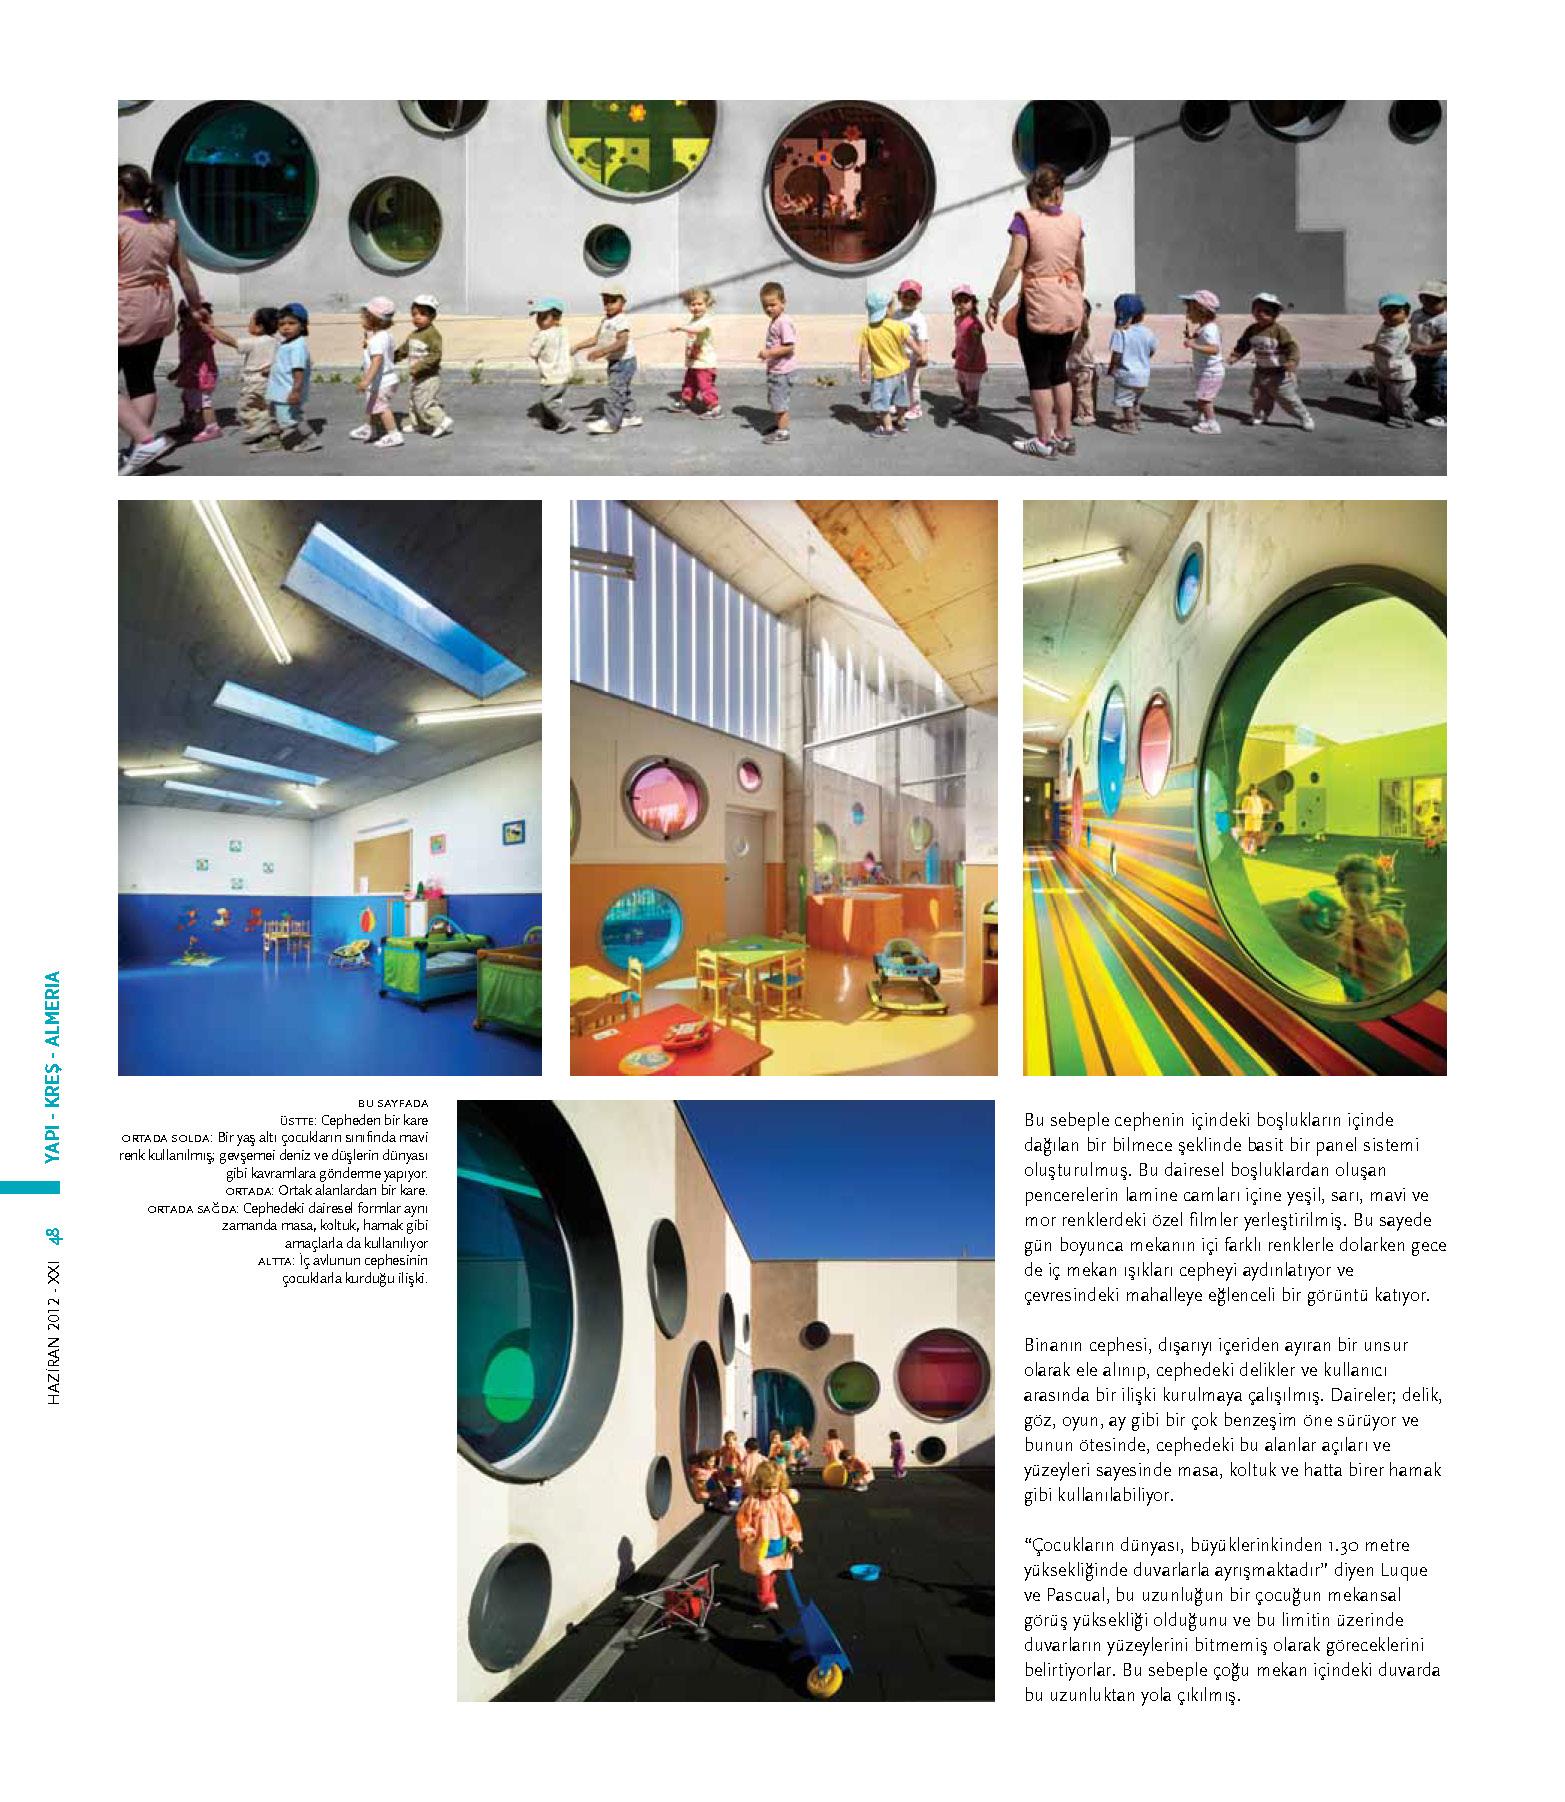 Kindergarten in Velez-Rubio. XXI magazine / XXI Mimarlık, Tasarım ve Mekan - HAZİRAN 2012. İstanbul